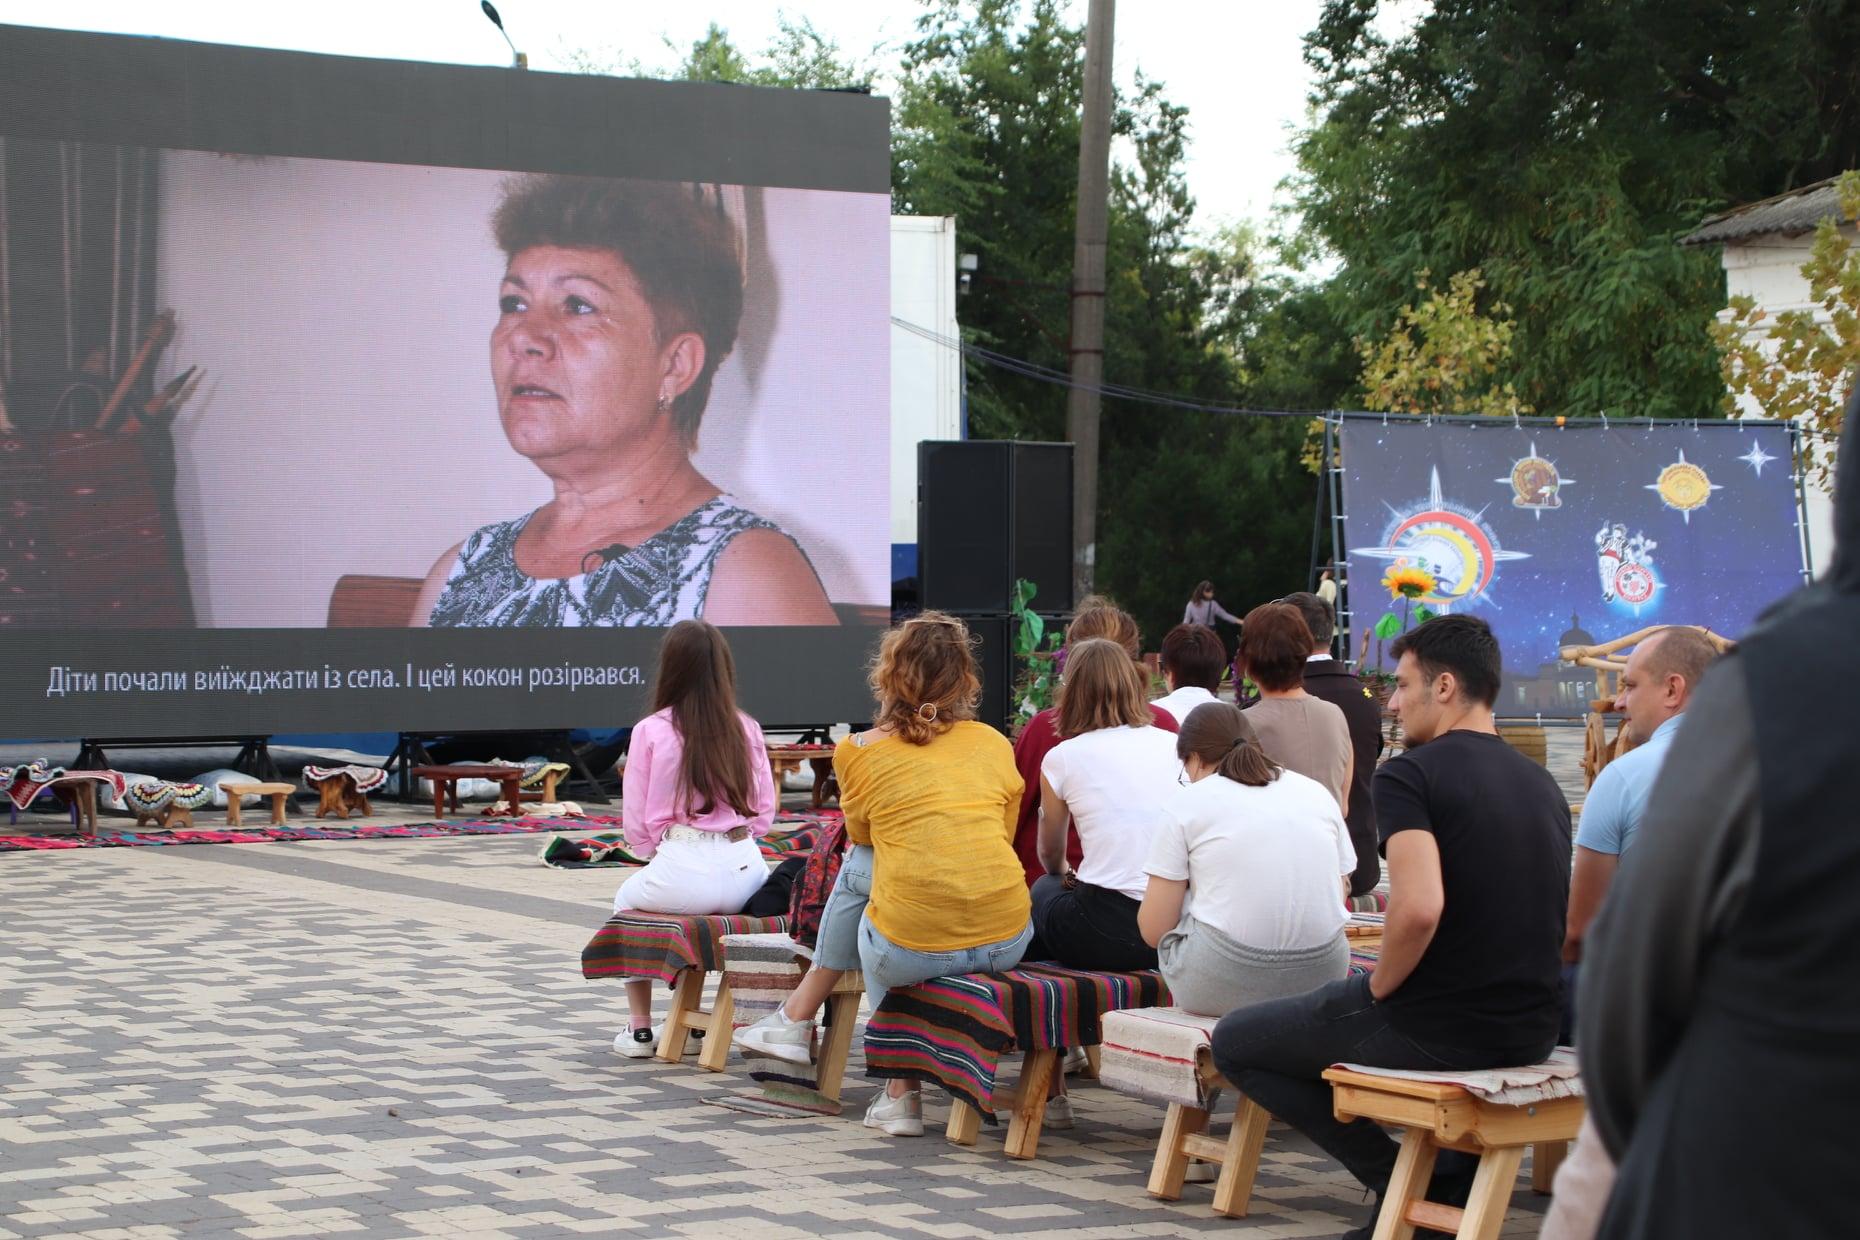 """В Болграде подвели итоги международного этнофестиваля """"ОКО"""" и огласили победителей"""